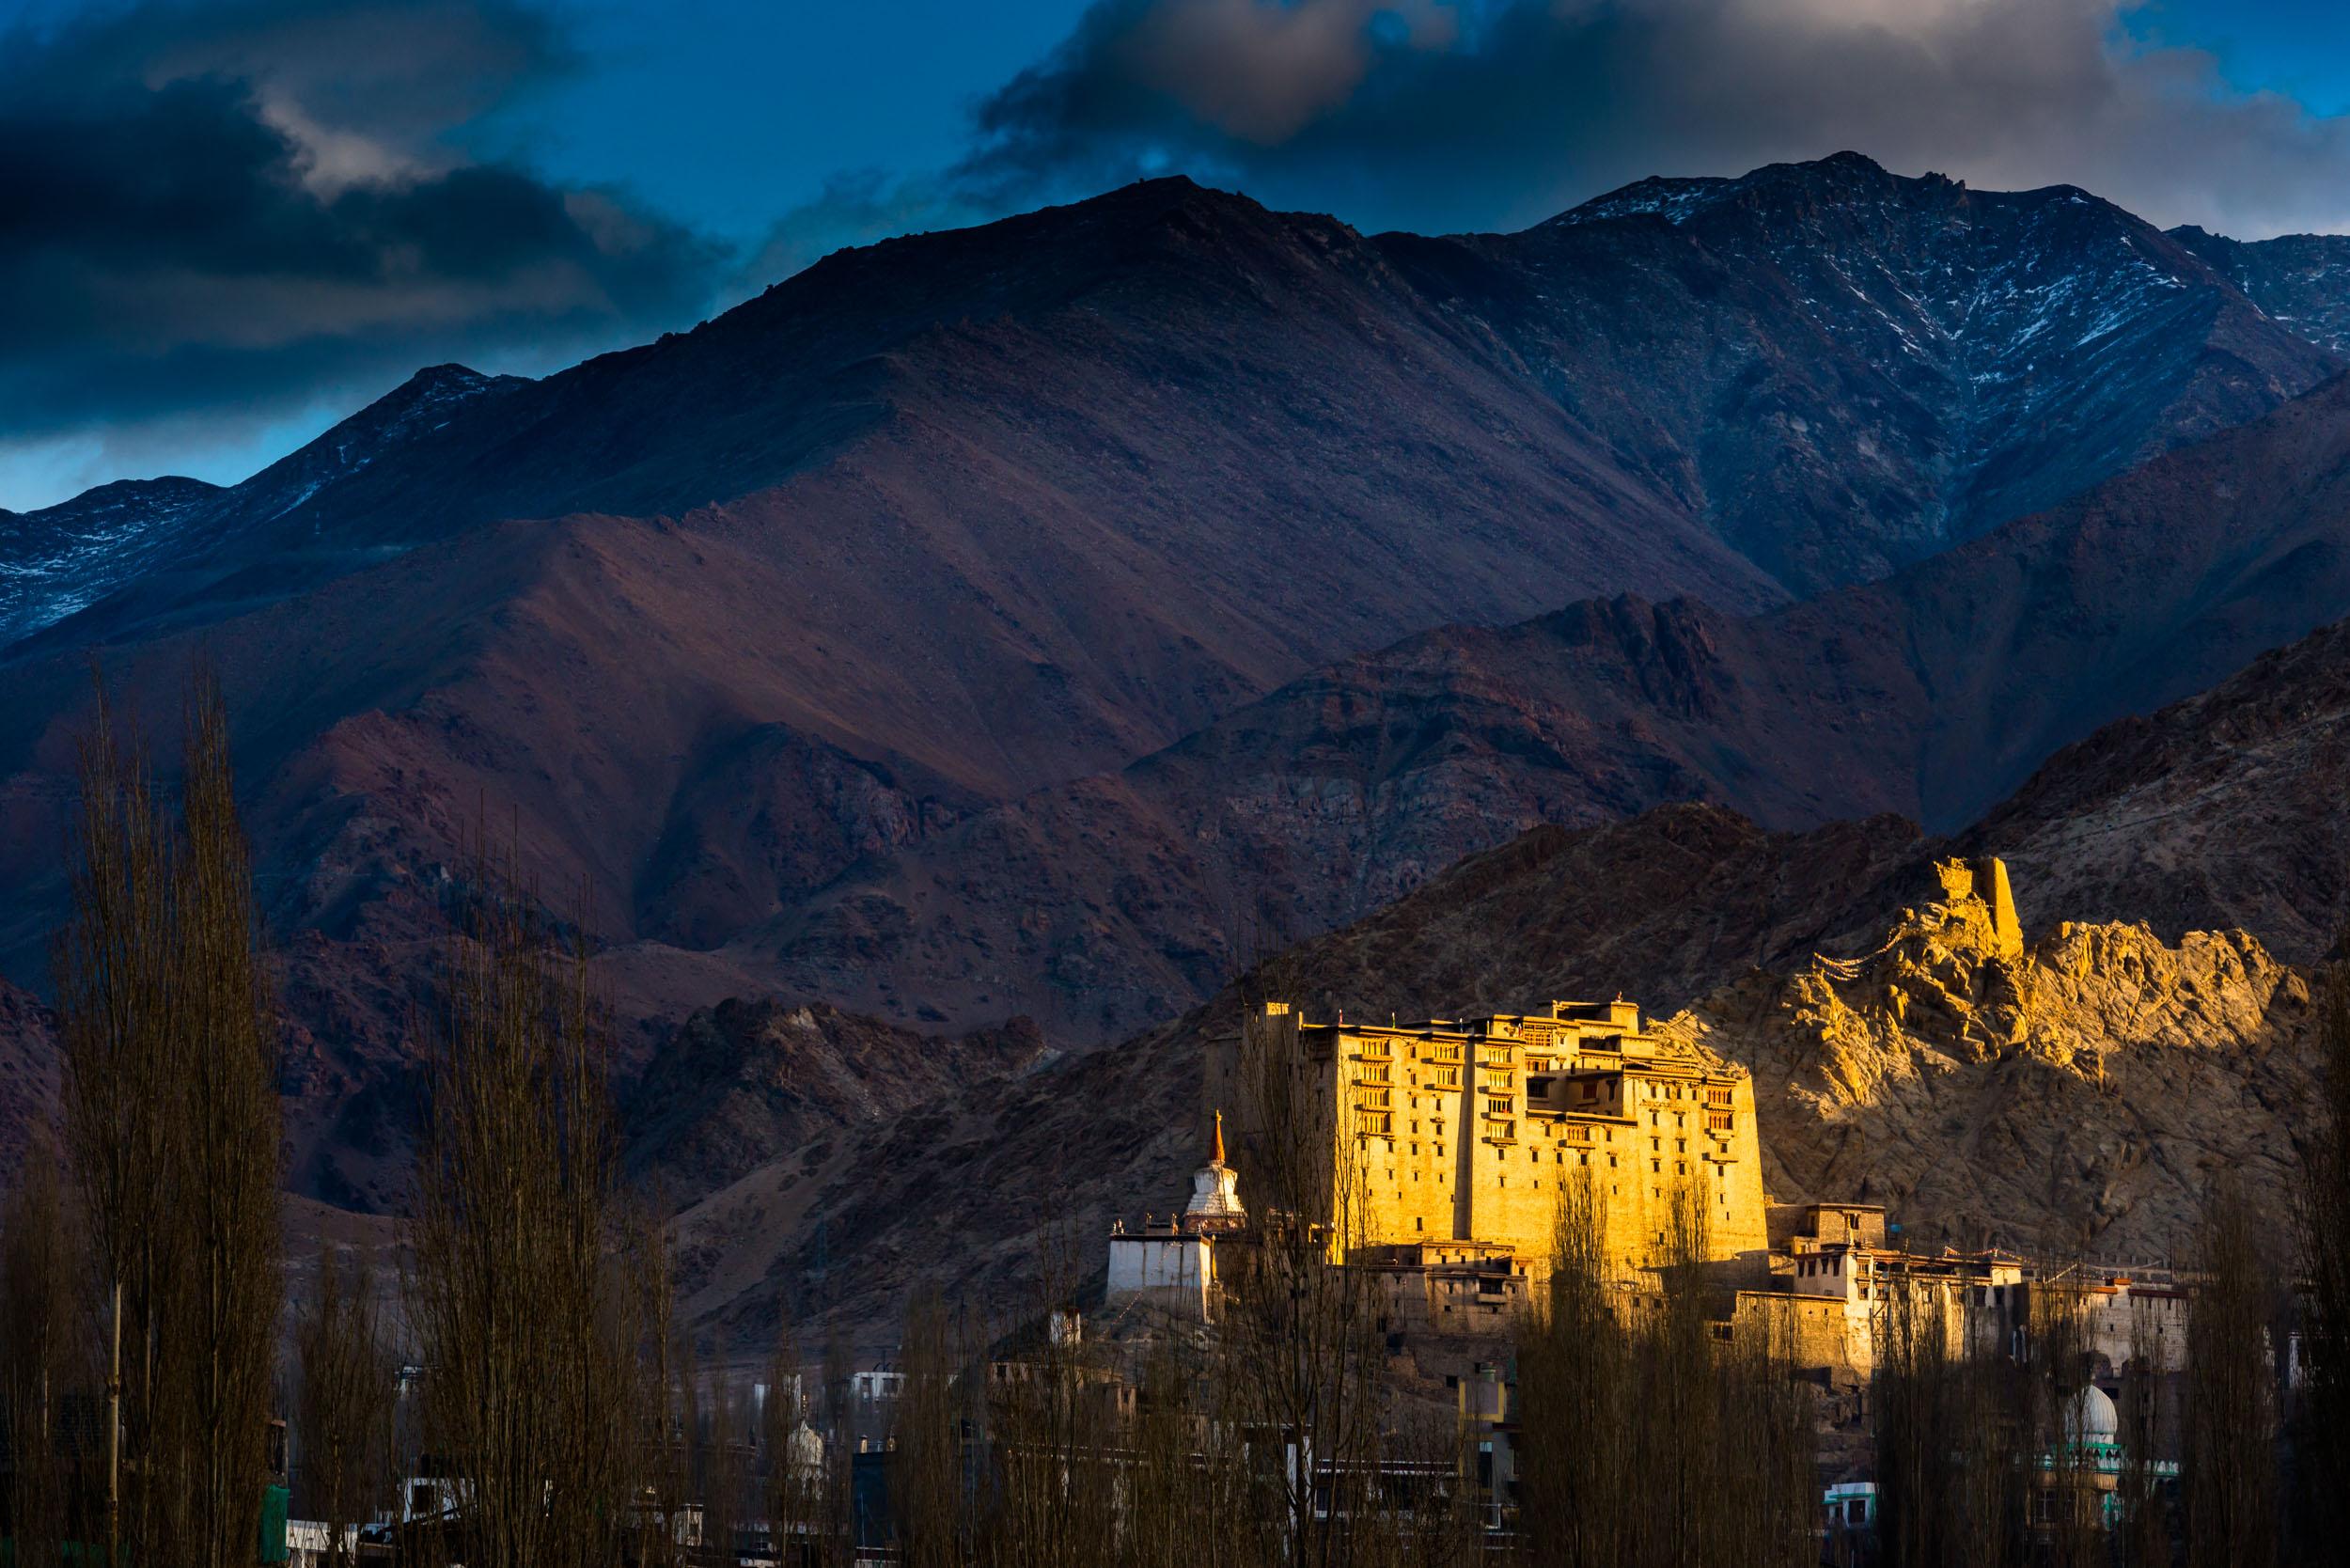 First Rats of Sun on Leh Palace,Leh Town, Jammu and Kashmir